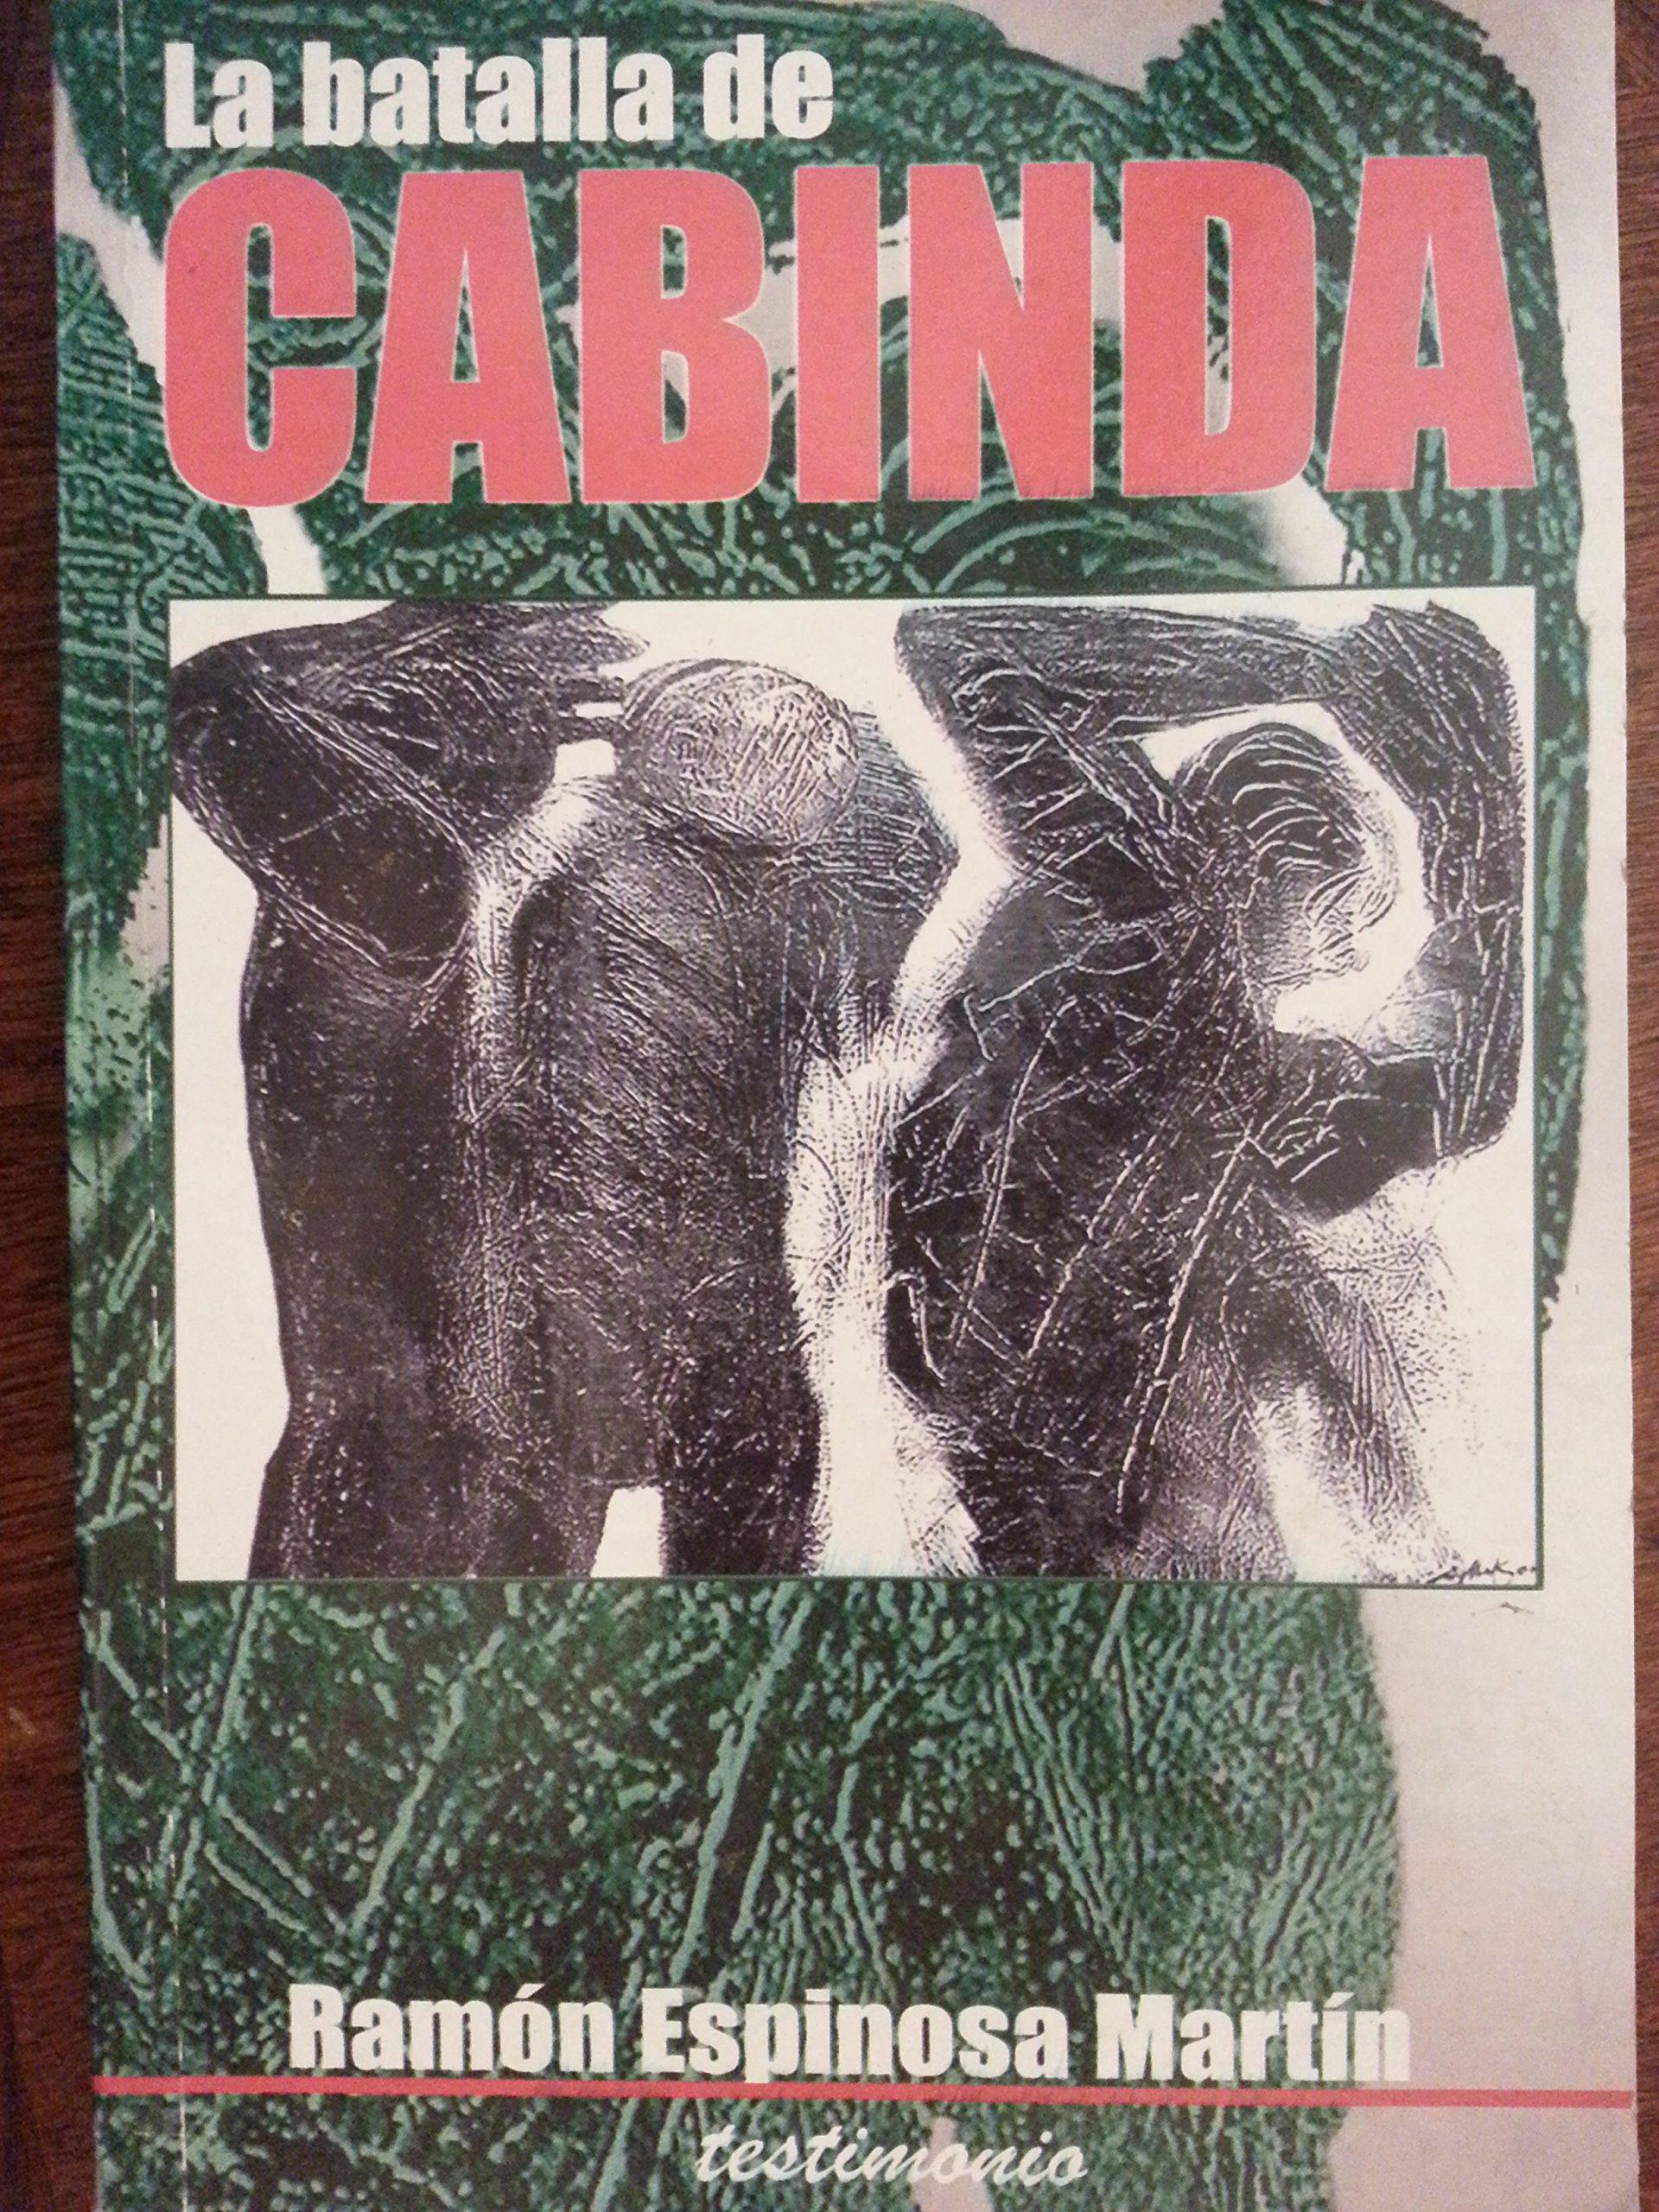 la batalla de cabinda.historia de la batalla de cabinda en angola,1975.por el general de cuerpo de ejercito ramon espinosa martin.angola war. ebook